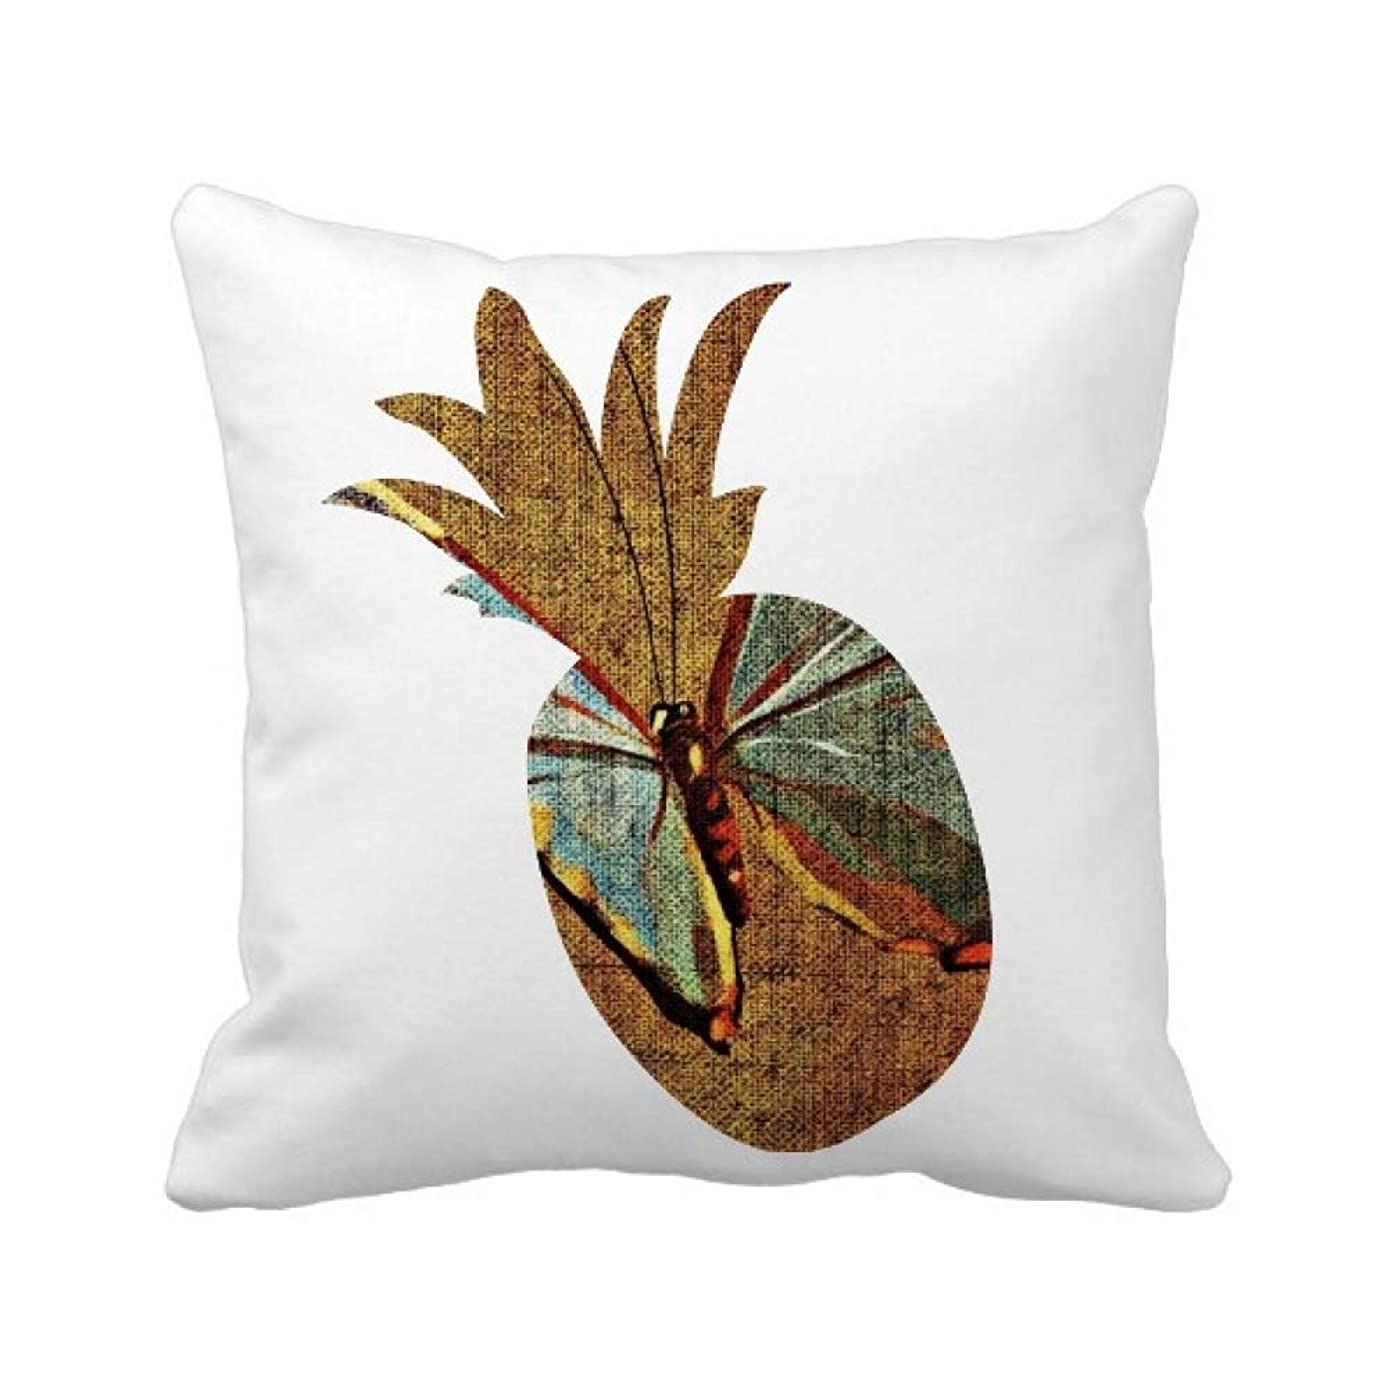 重力応用便宜デザインの刺繍の亜麻の蝶の伝統 パイナップル枕カバー正方形を投げる 50cm x 50cm